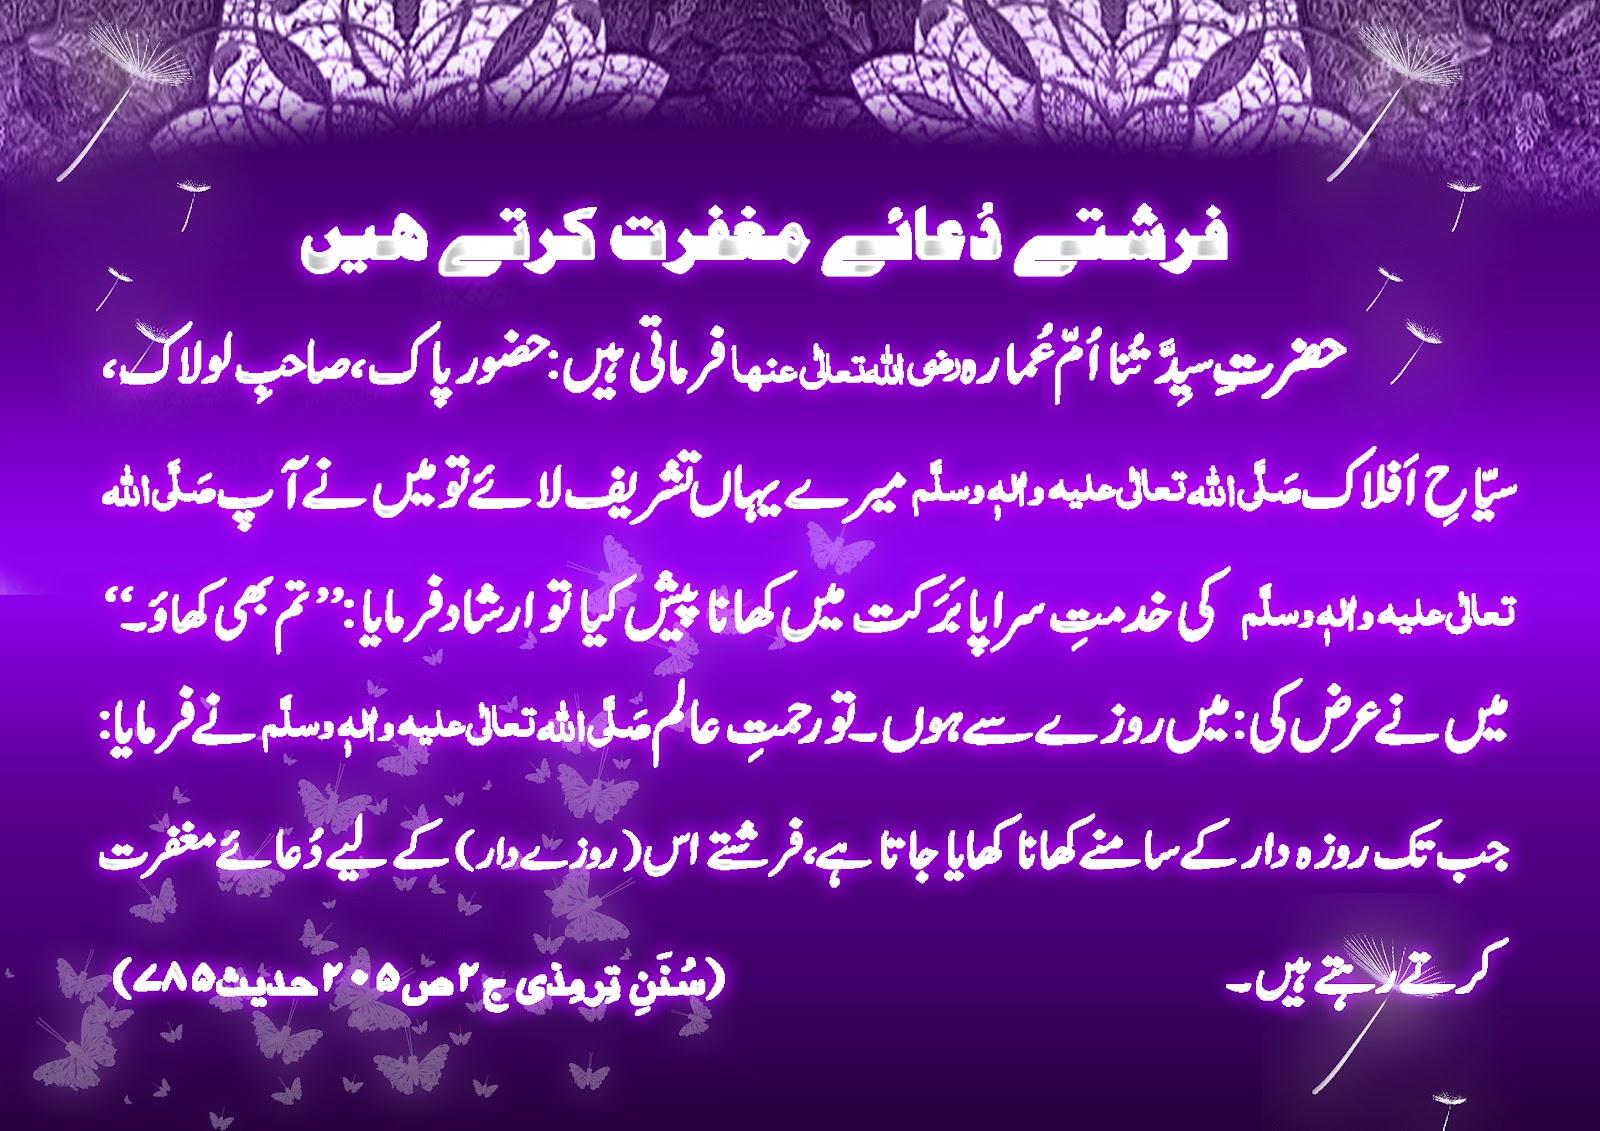 Hadees+-+Urdu.jpg